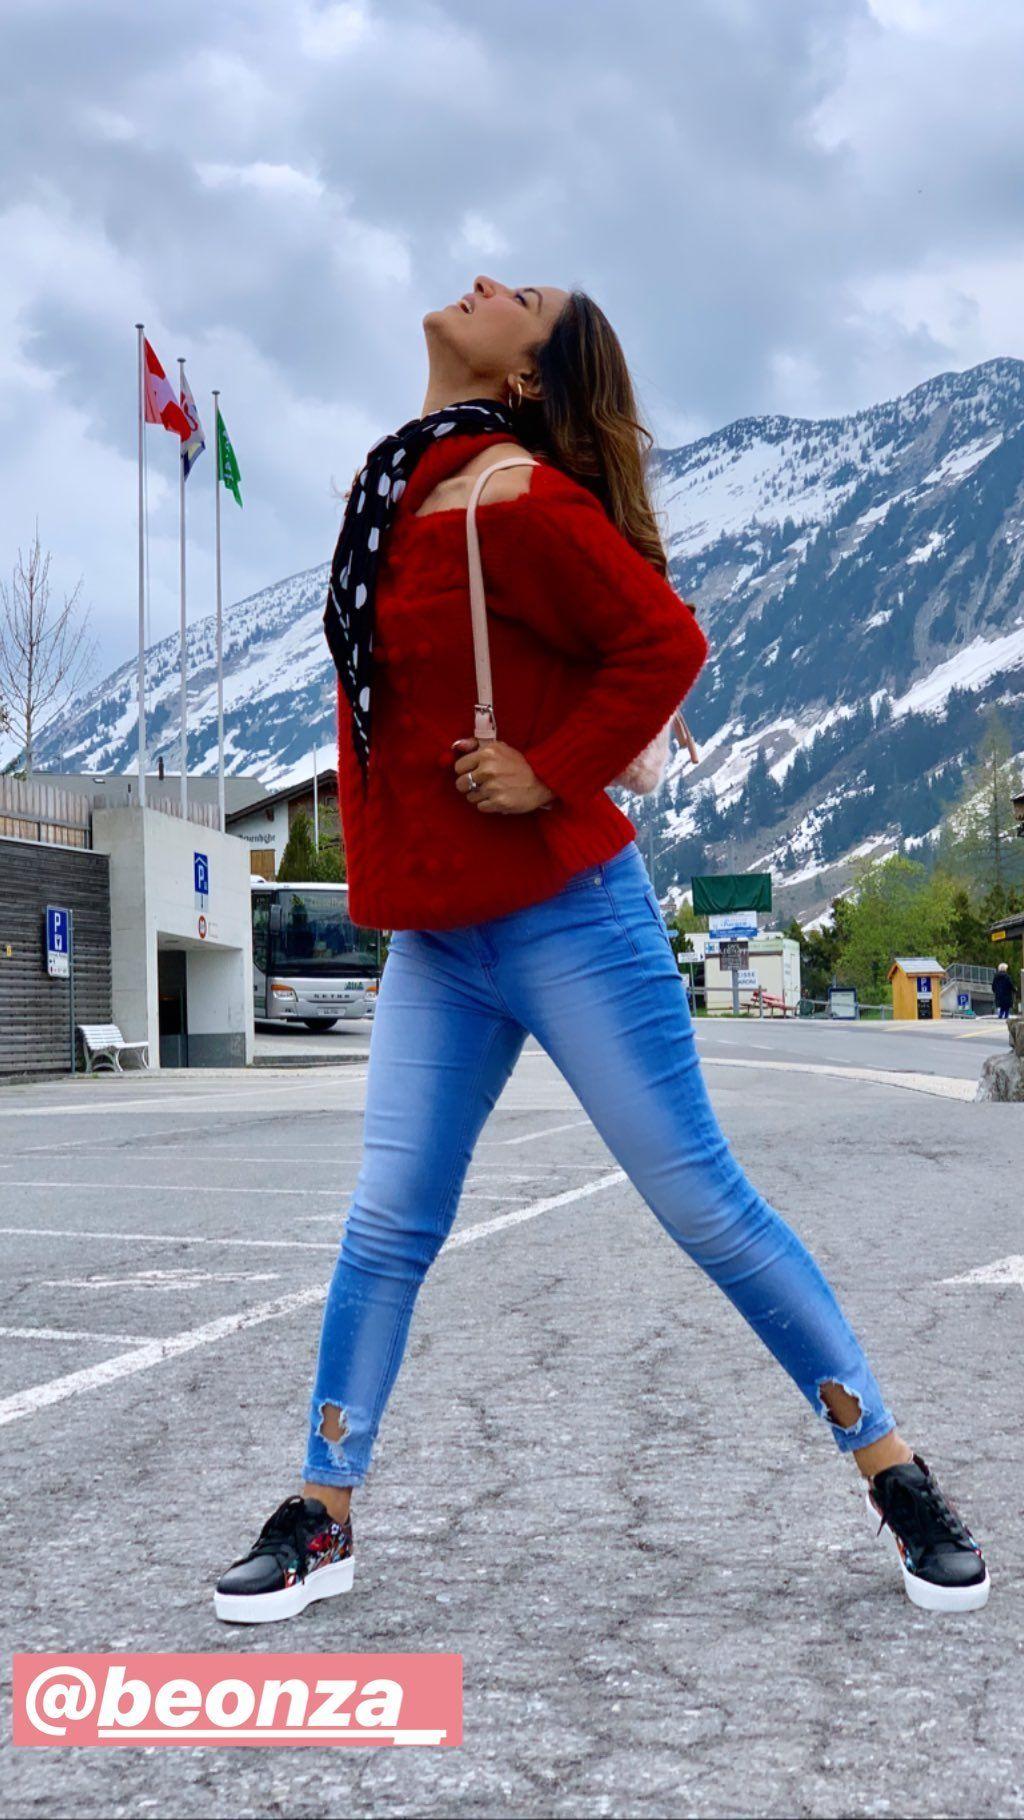 Hina Khan in Switzerland